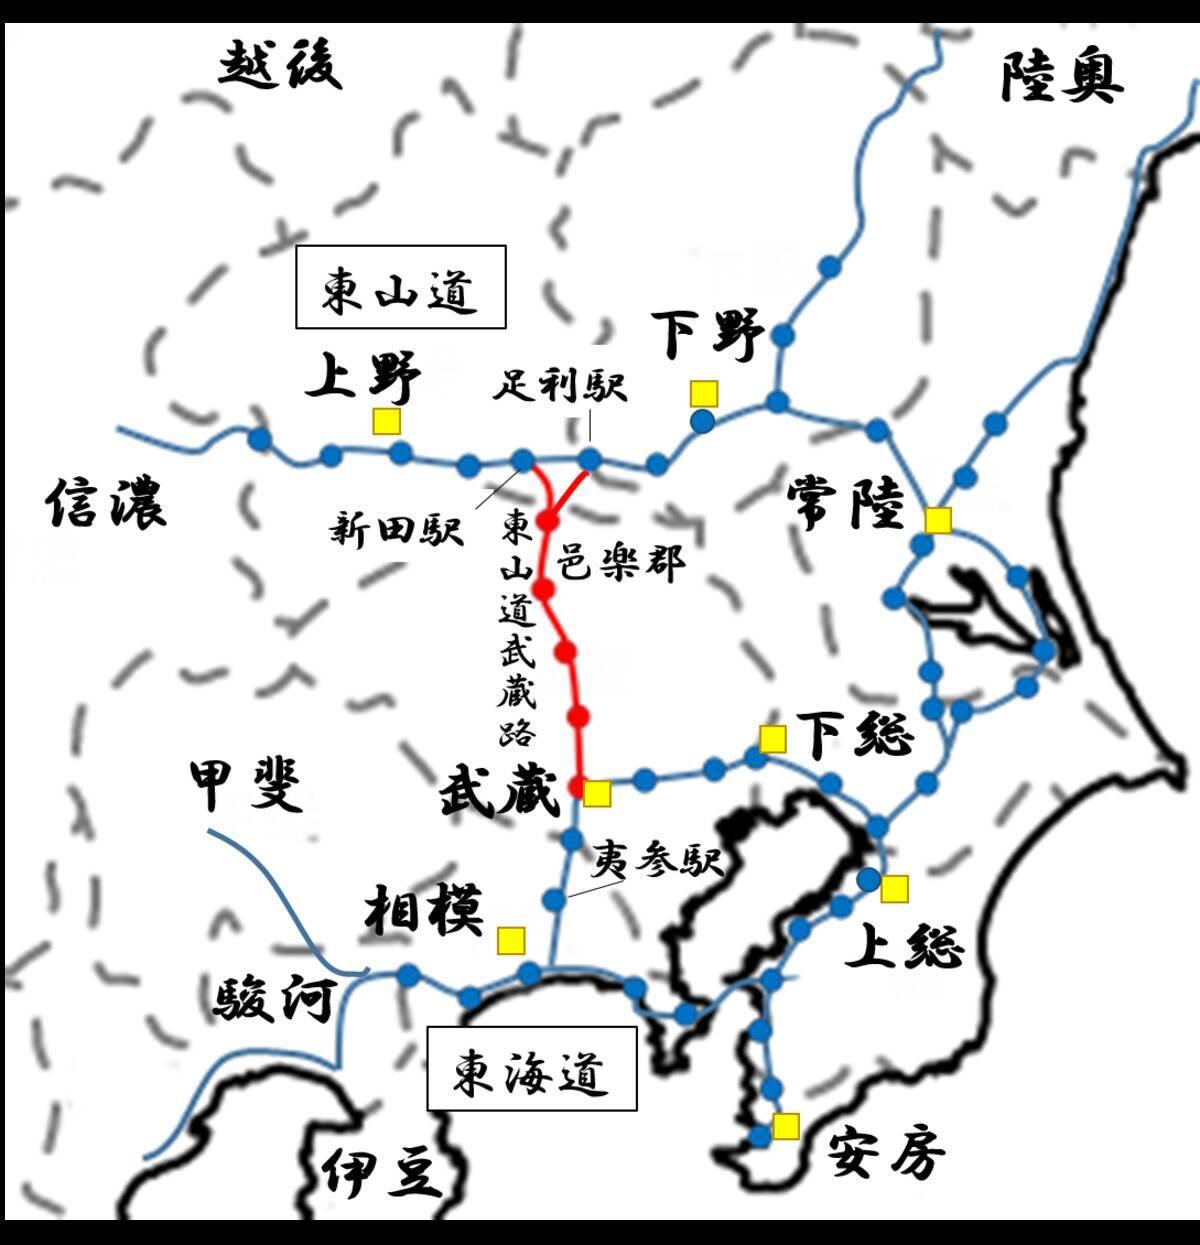 武蔵国は東山道に属していた時期があった (2017年9月4日) - エキサイト ...